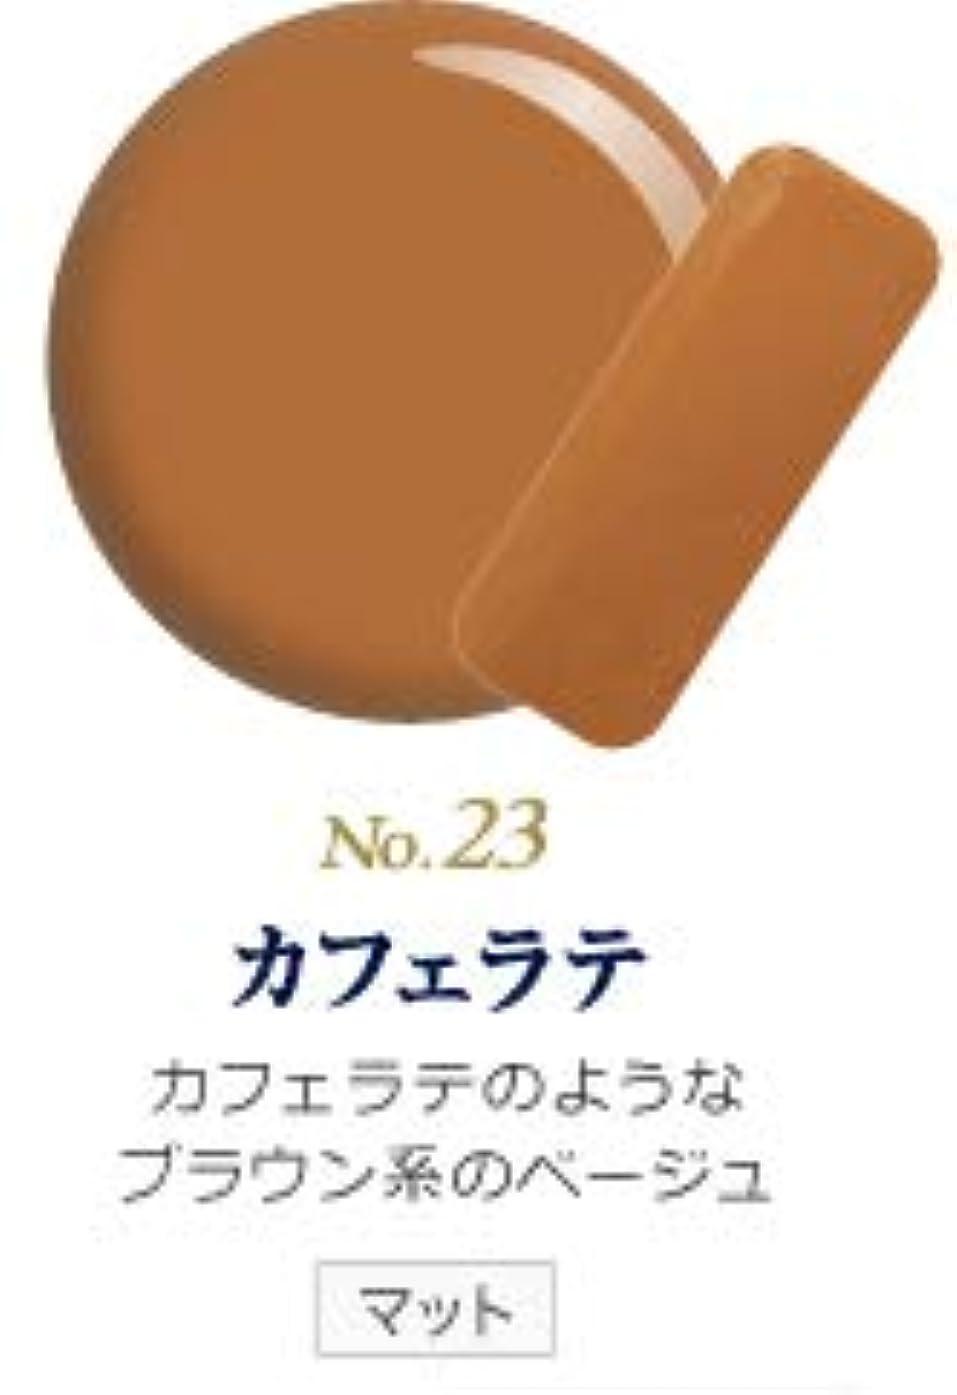 破壊するめったに自分自身発色抜群 削らなくてもオフが出来る 新グレースジェルカラーNo.11~No.209 (カフェラテ)